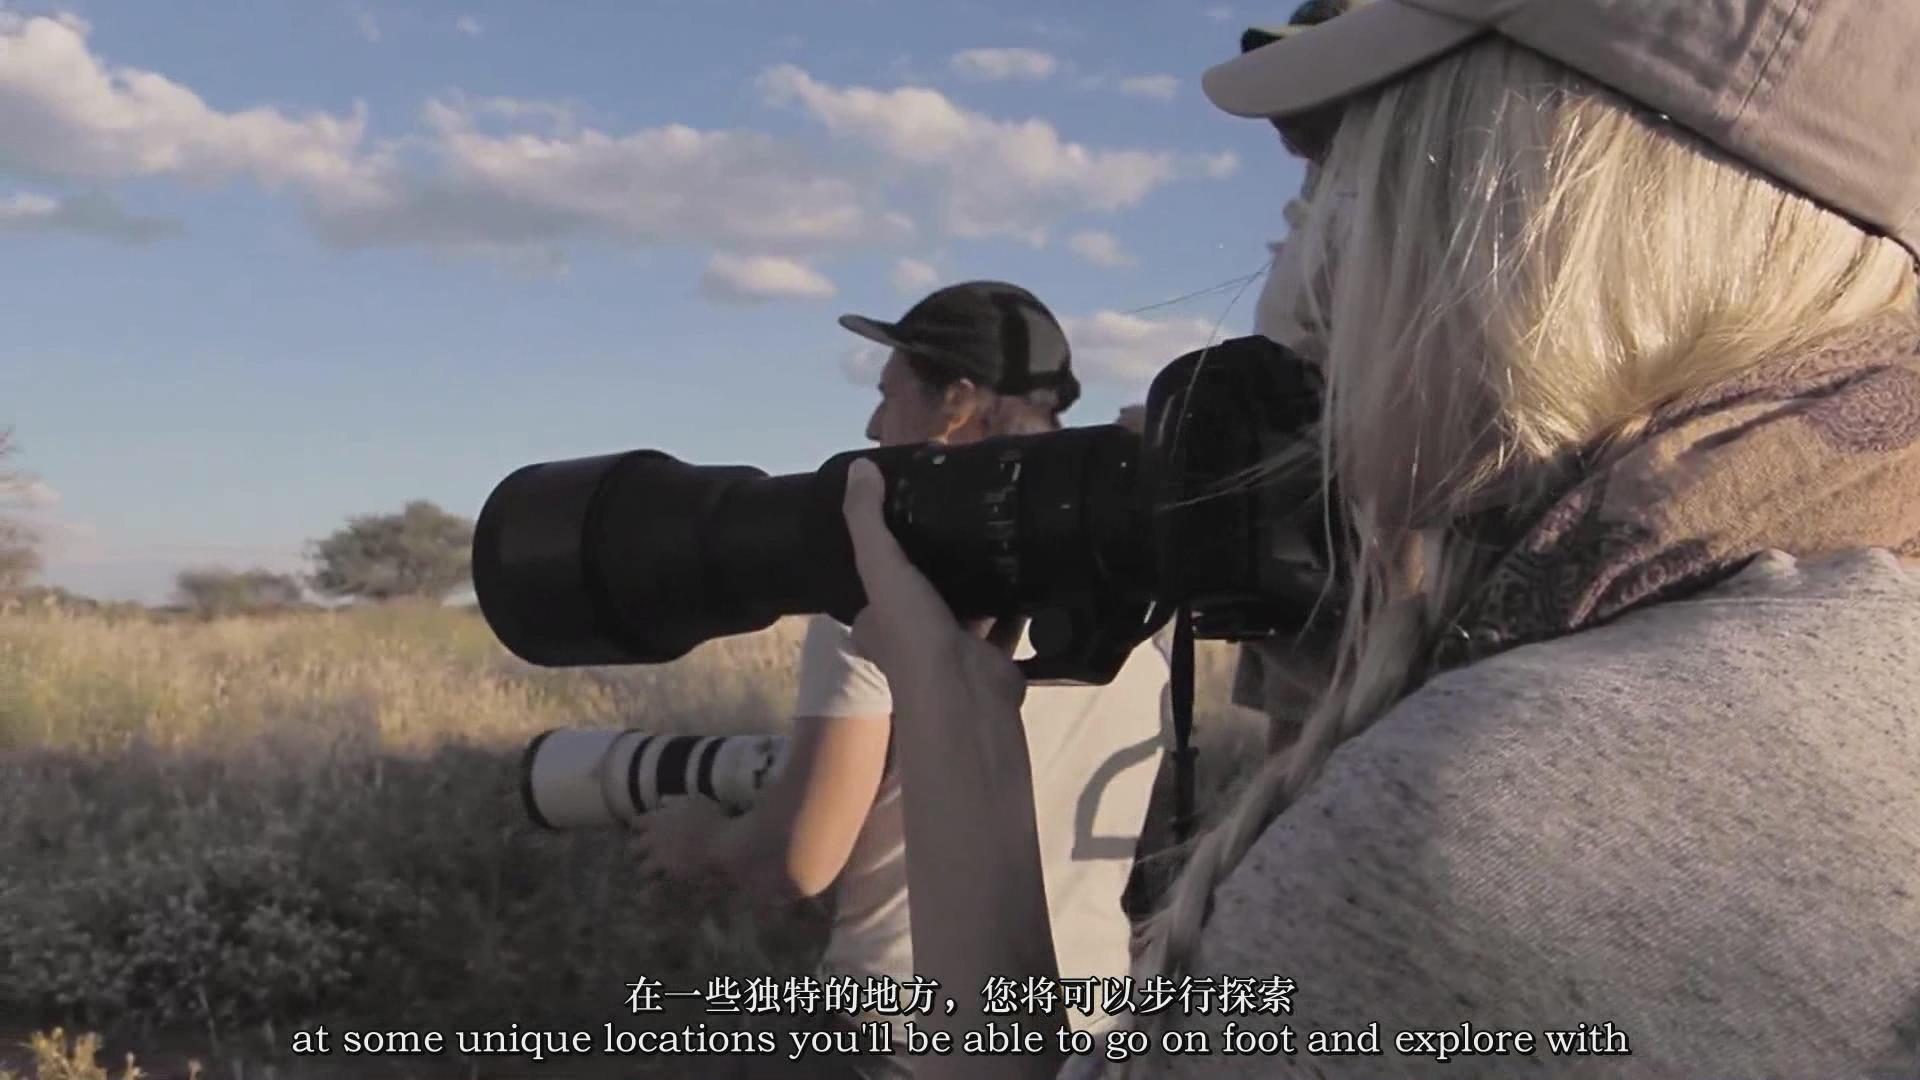 摄影教程_Chase Teron的终极野生动物摄影及后期套装教程附RAW素材-中英字幕 摄影教程 _预览图14